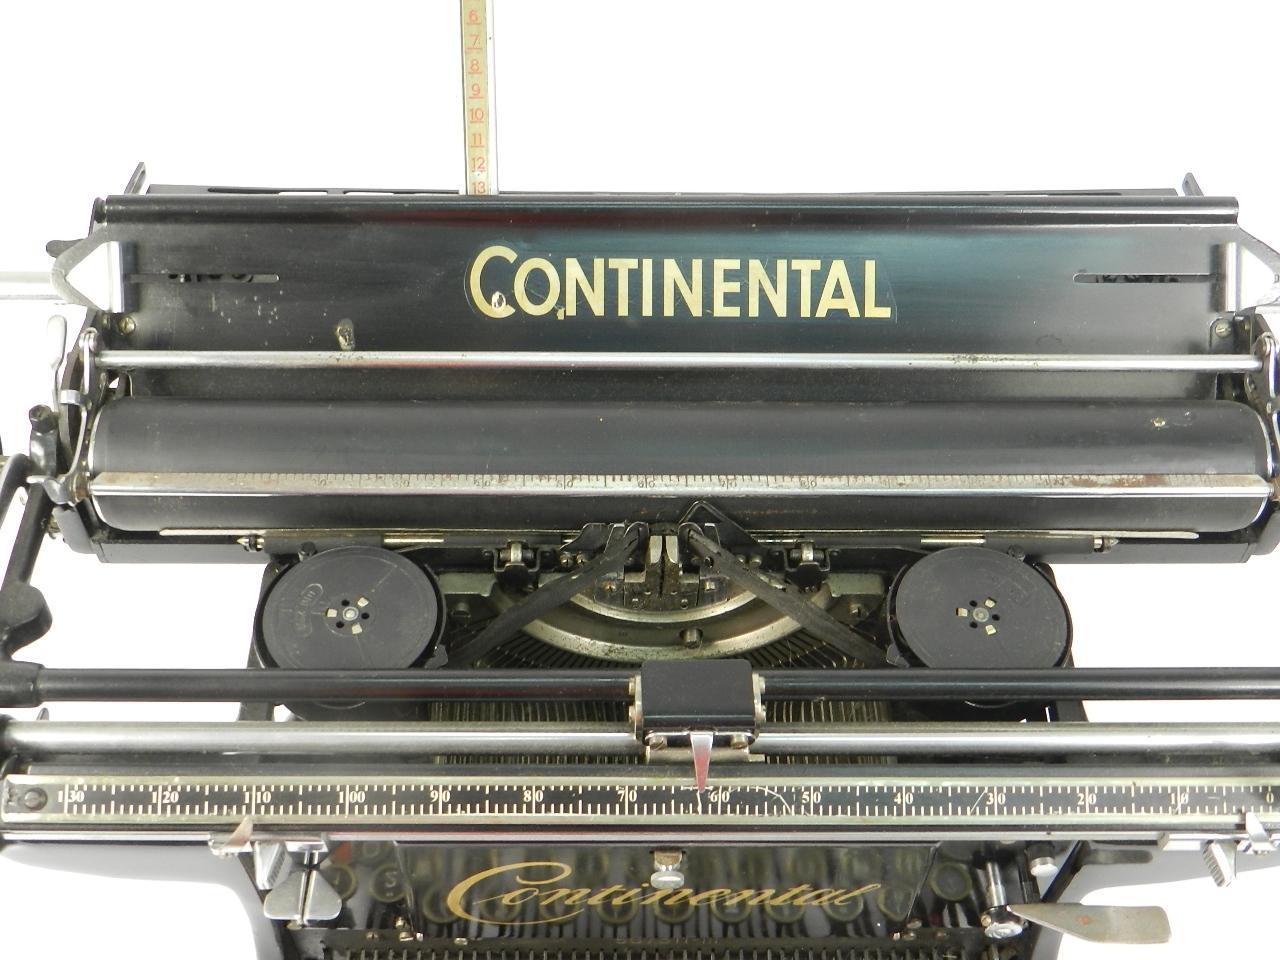 Imagen CONTINENTAL AÑO 1925 39103